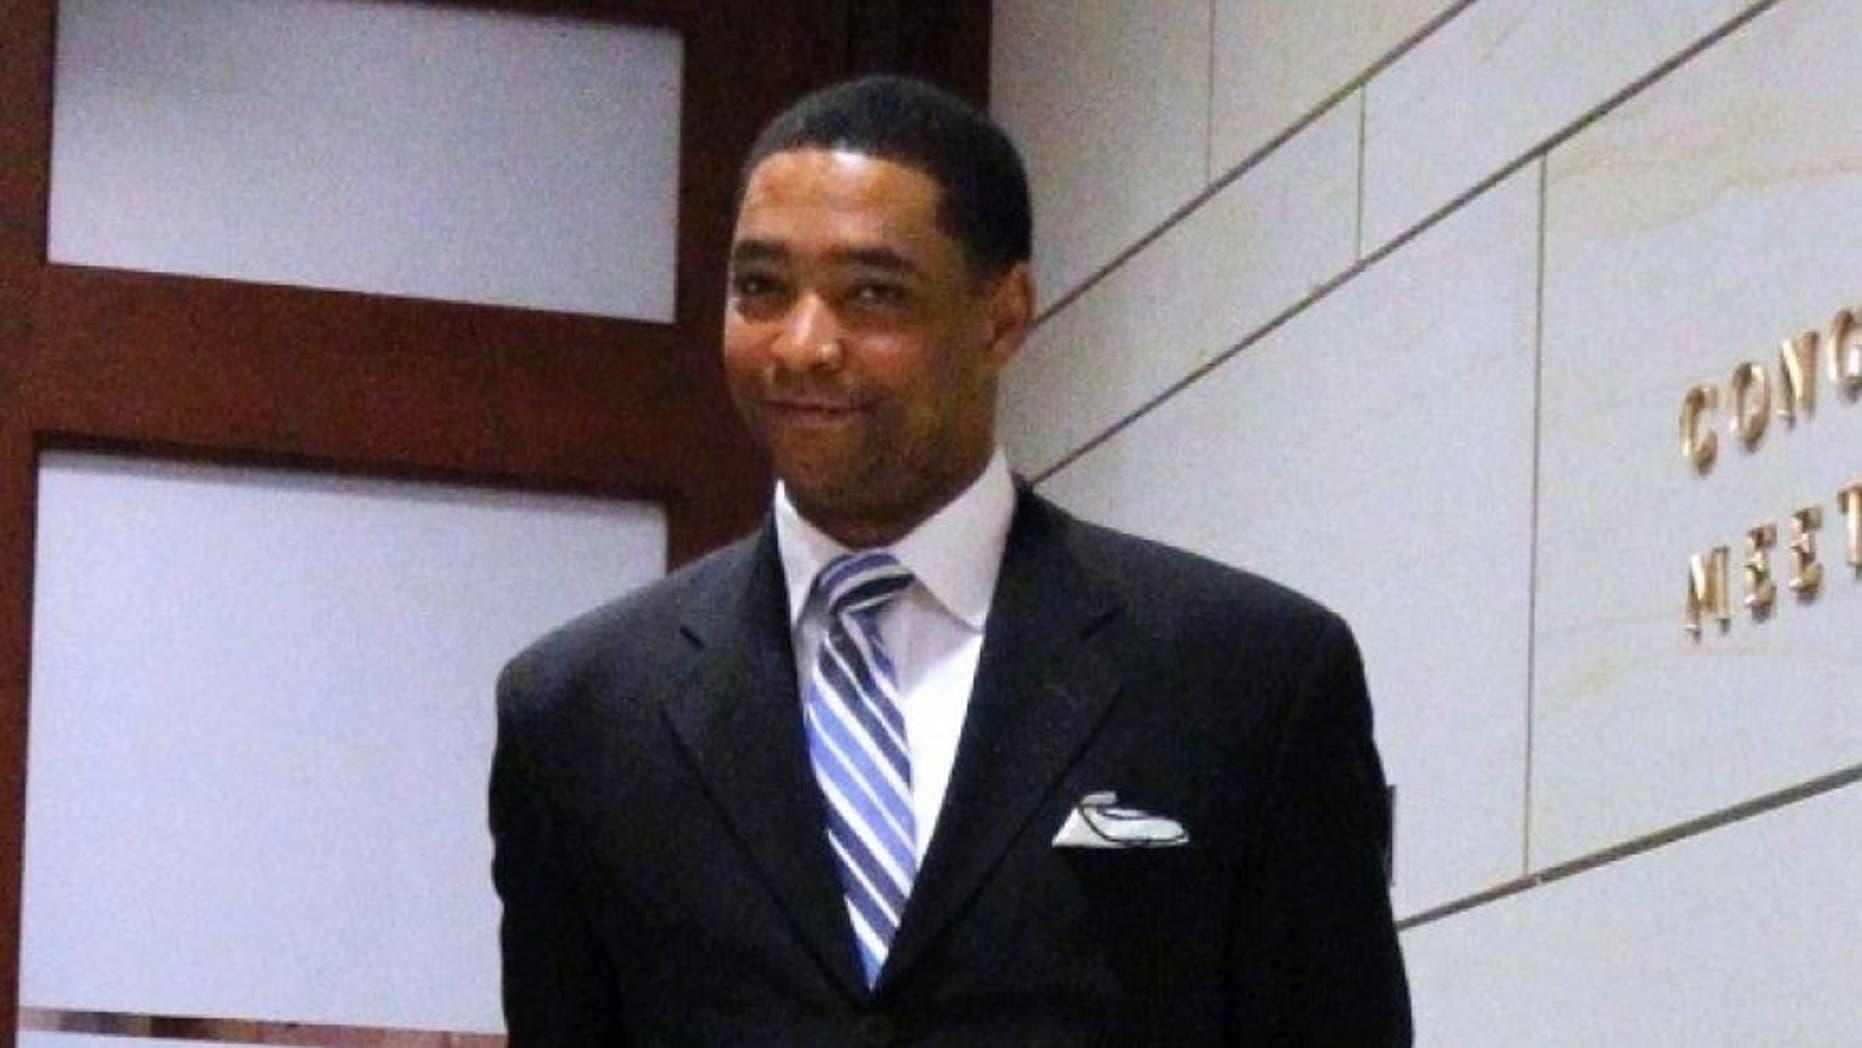 Rep. Cedric Richmond, D-La., in the Capitol Hill visitor's center